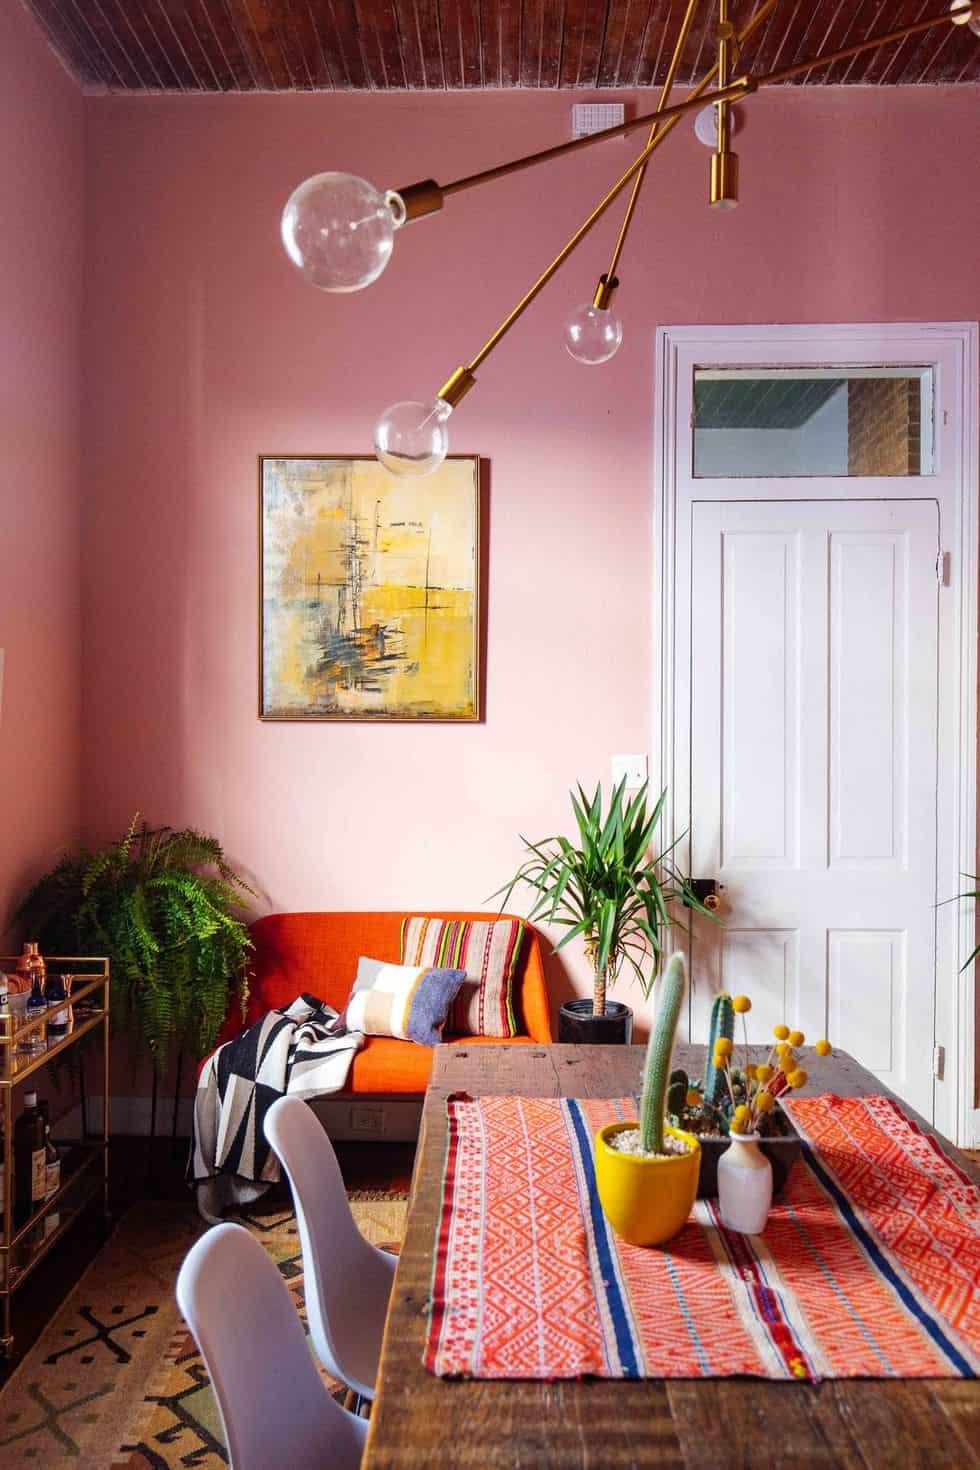 تنسيق ألوان ديكور المنزل - ألوان طلاء الجدران